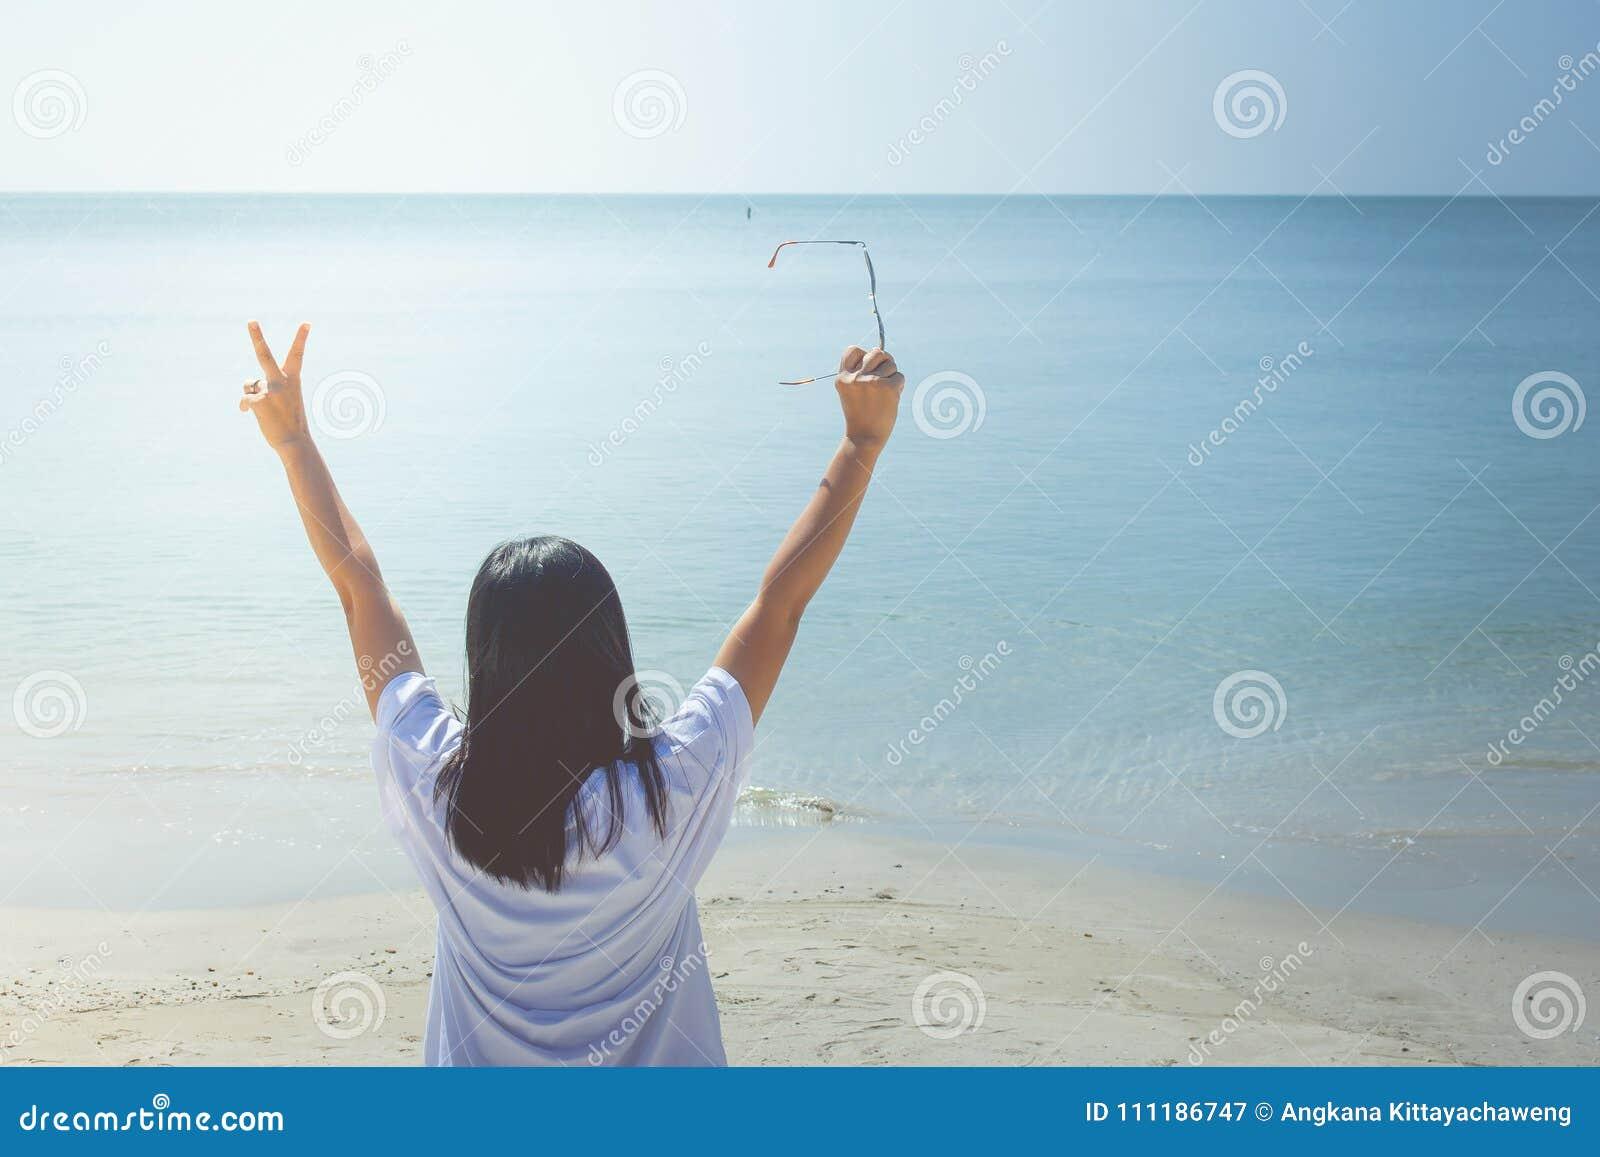 Sommer-Ferien und Feiertags-Konzept: Glückliche Familientagesreise in dem Meer, Frauenstellung entspannen sich auf Sandstrand